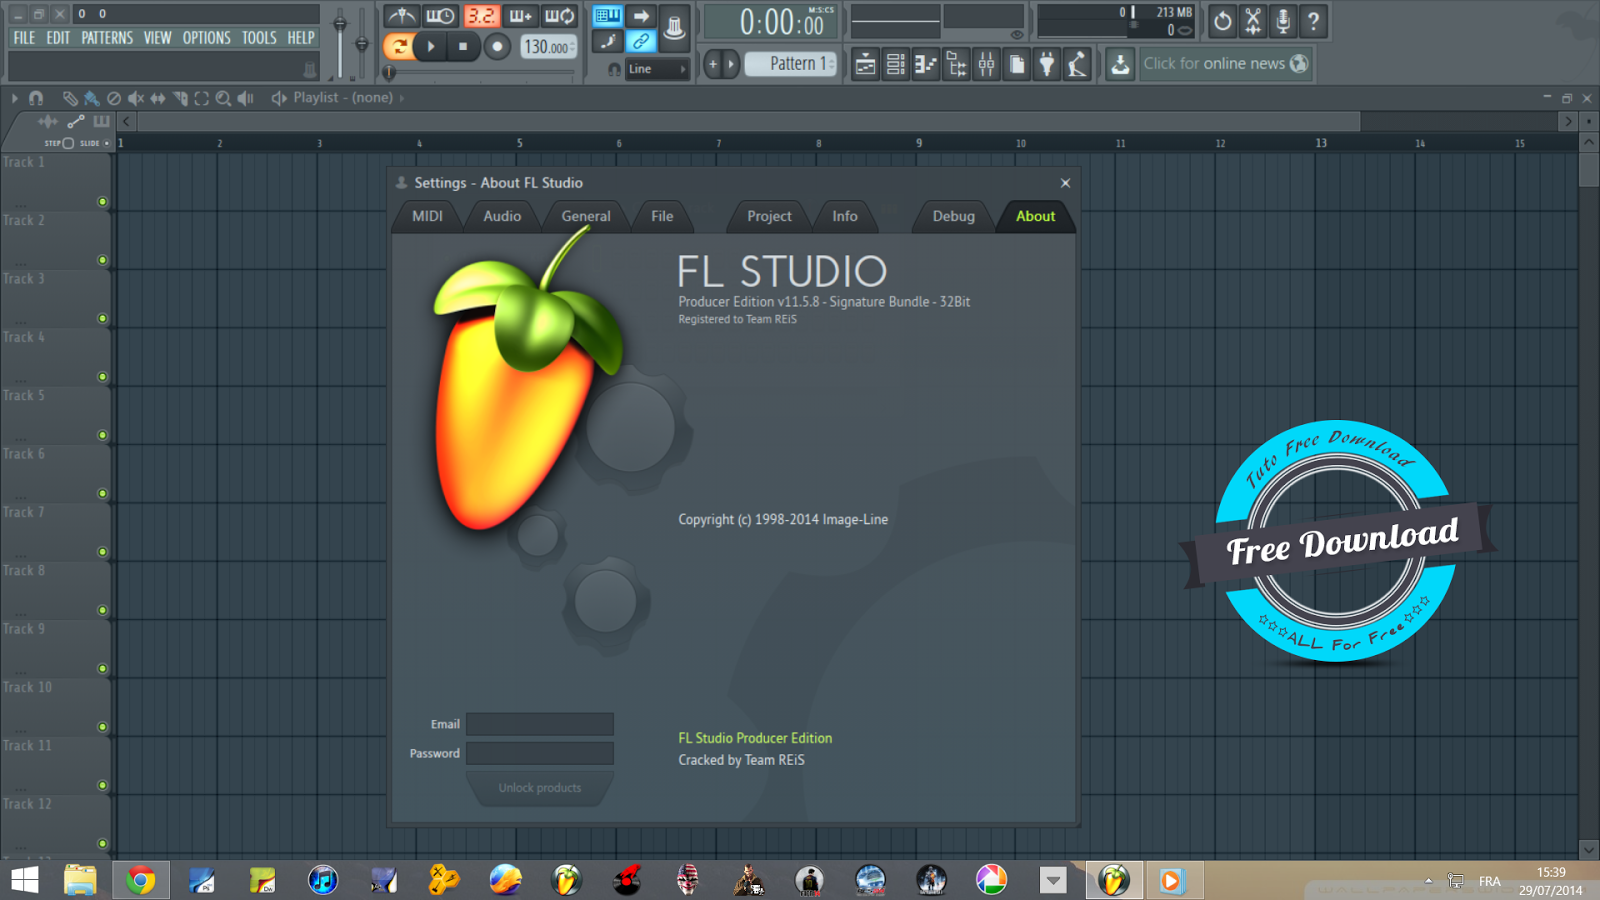 Download Crack Fl Studio 12 Alpha (11.5.8)